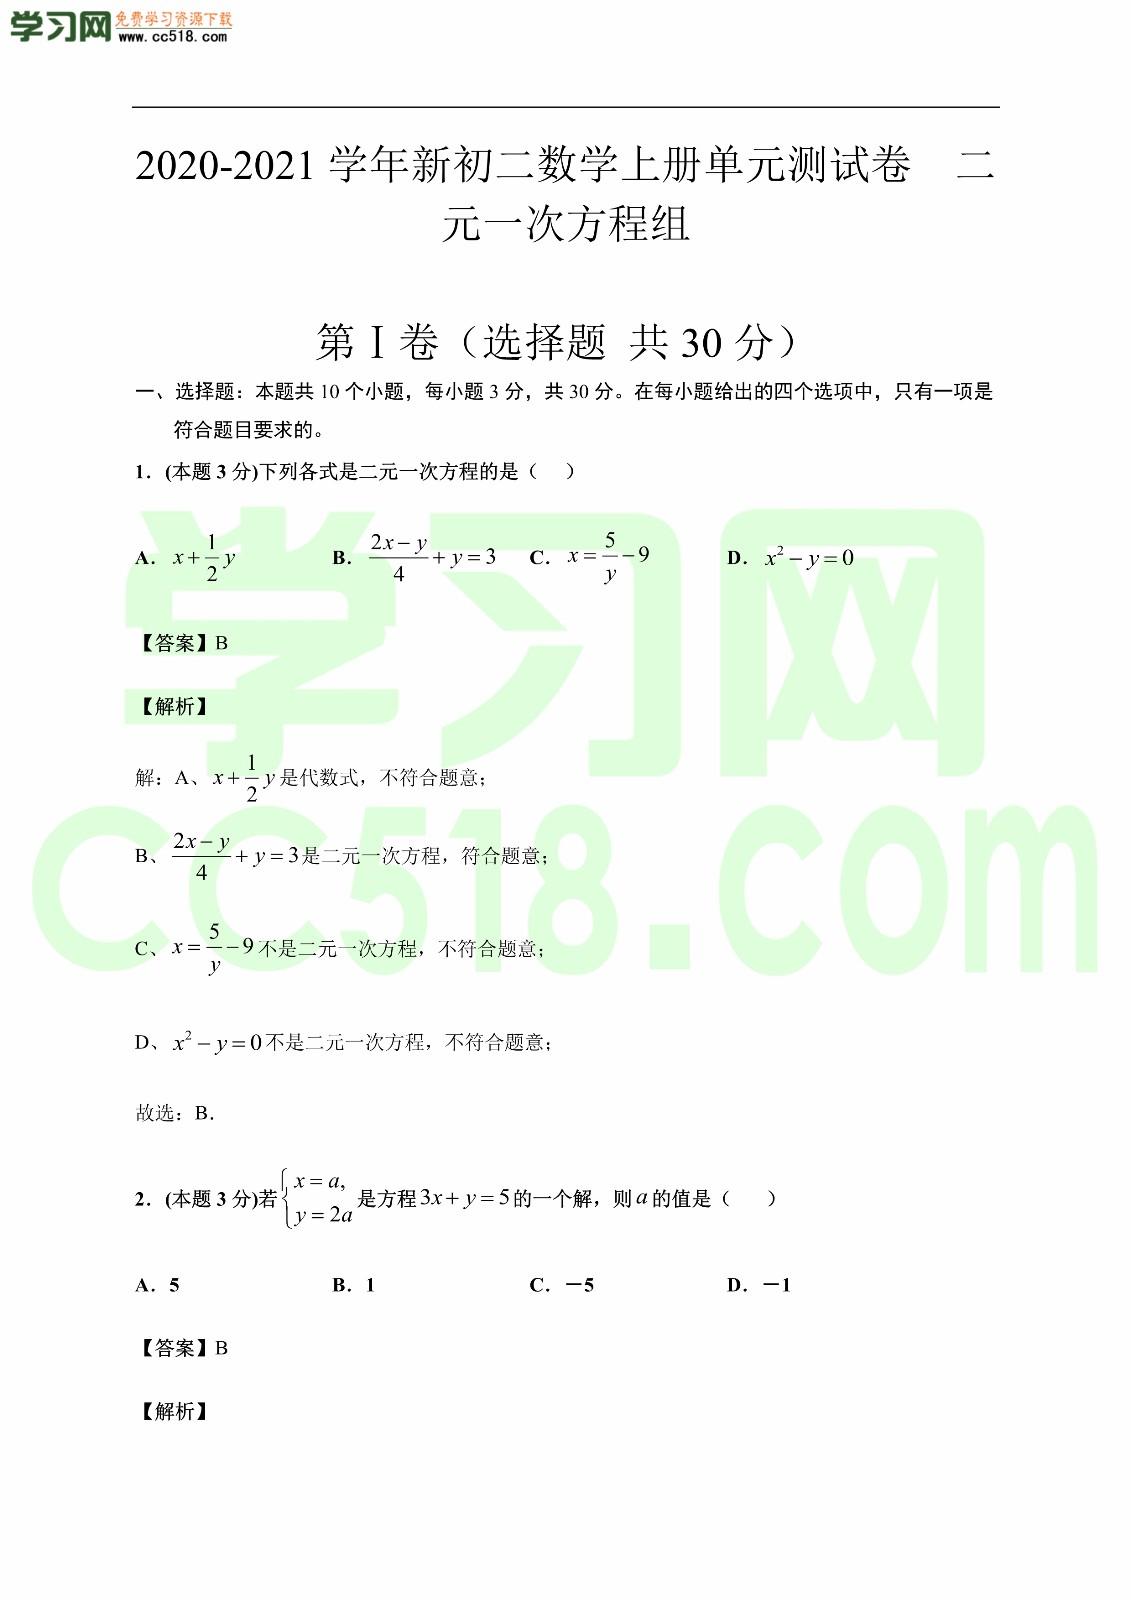 2020-2021学年新初二数学上册单元测试卷(含答案及解析)